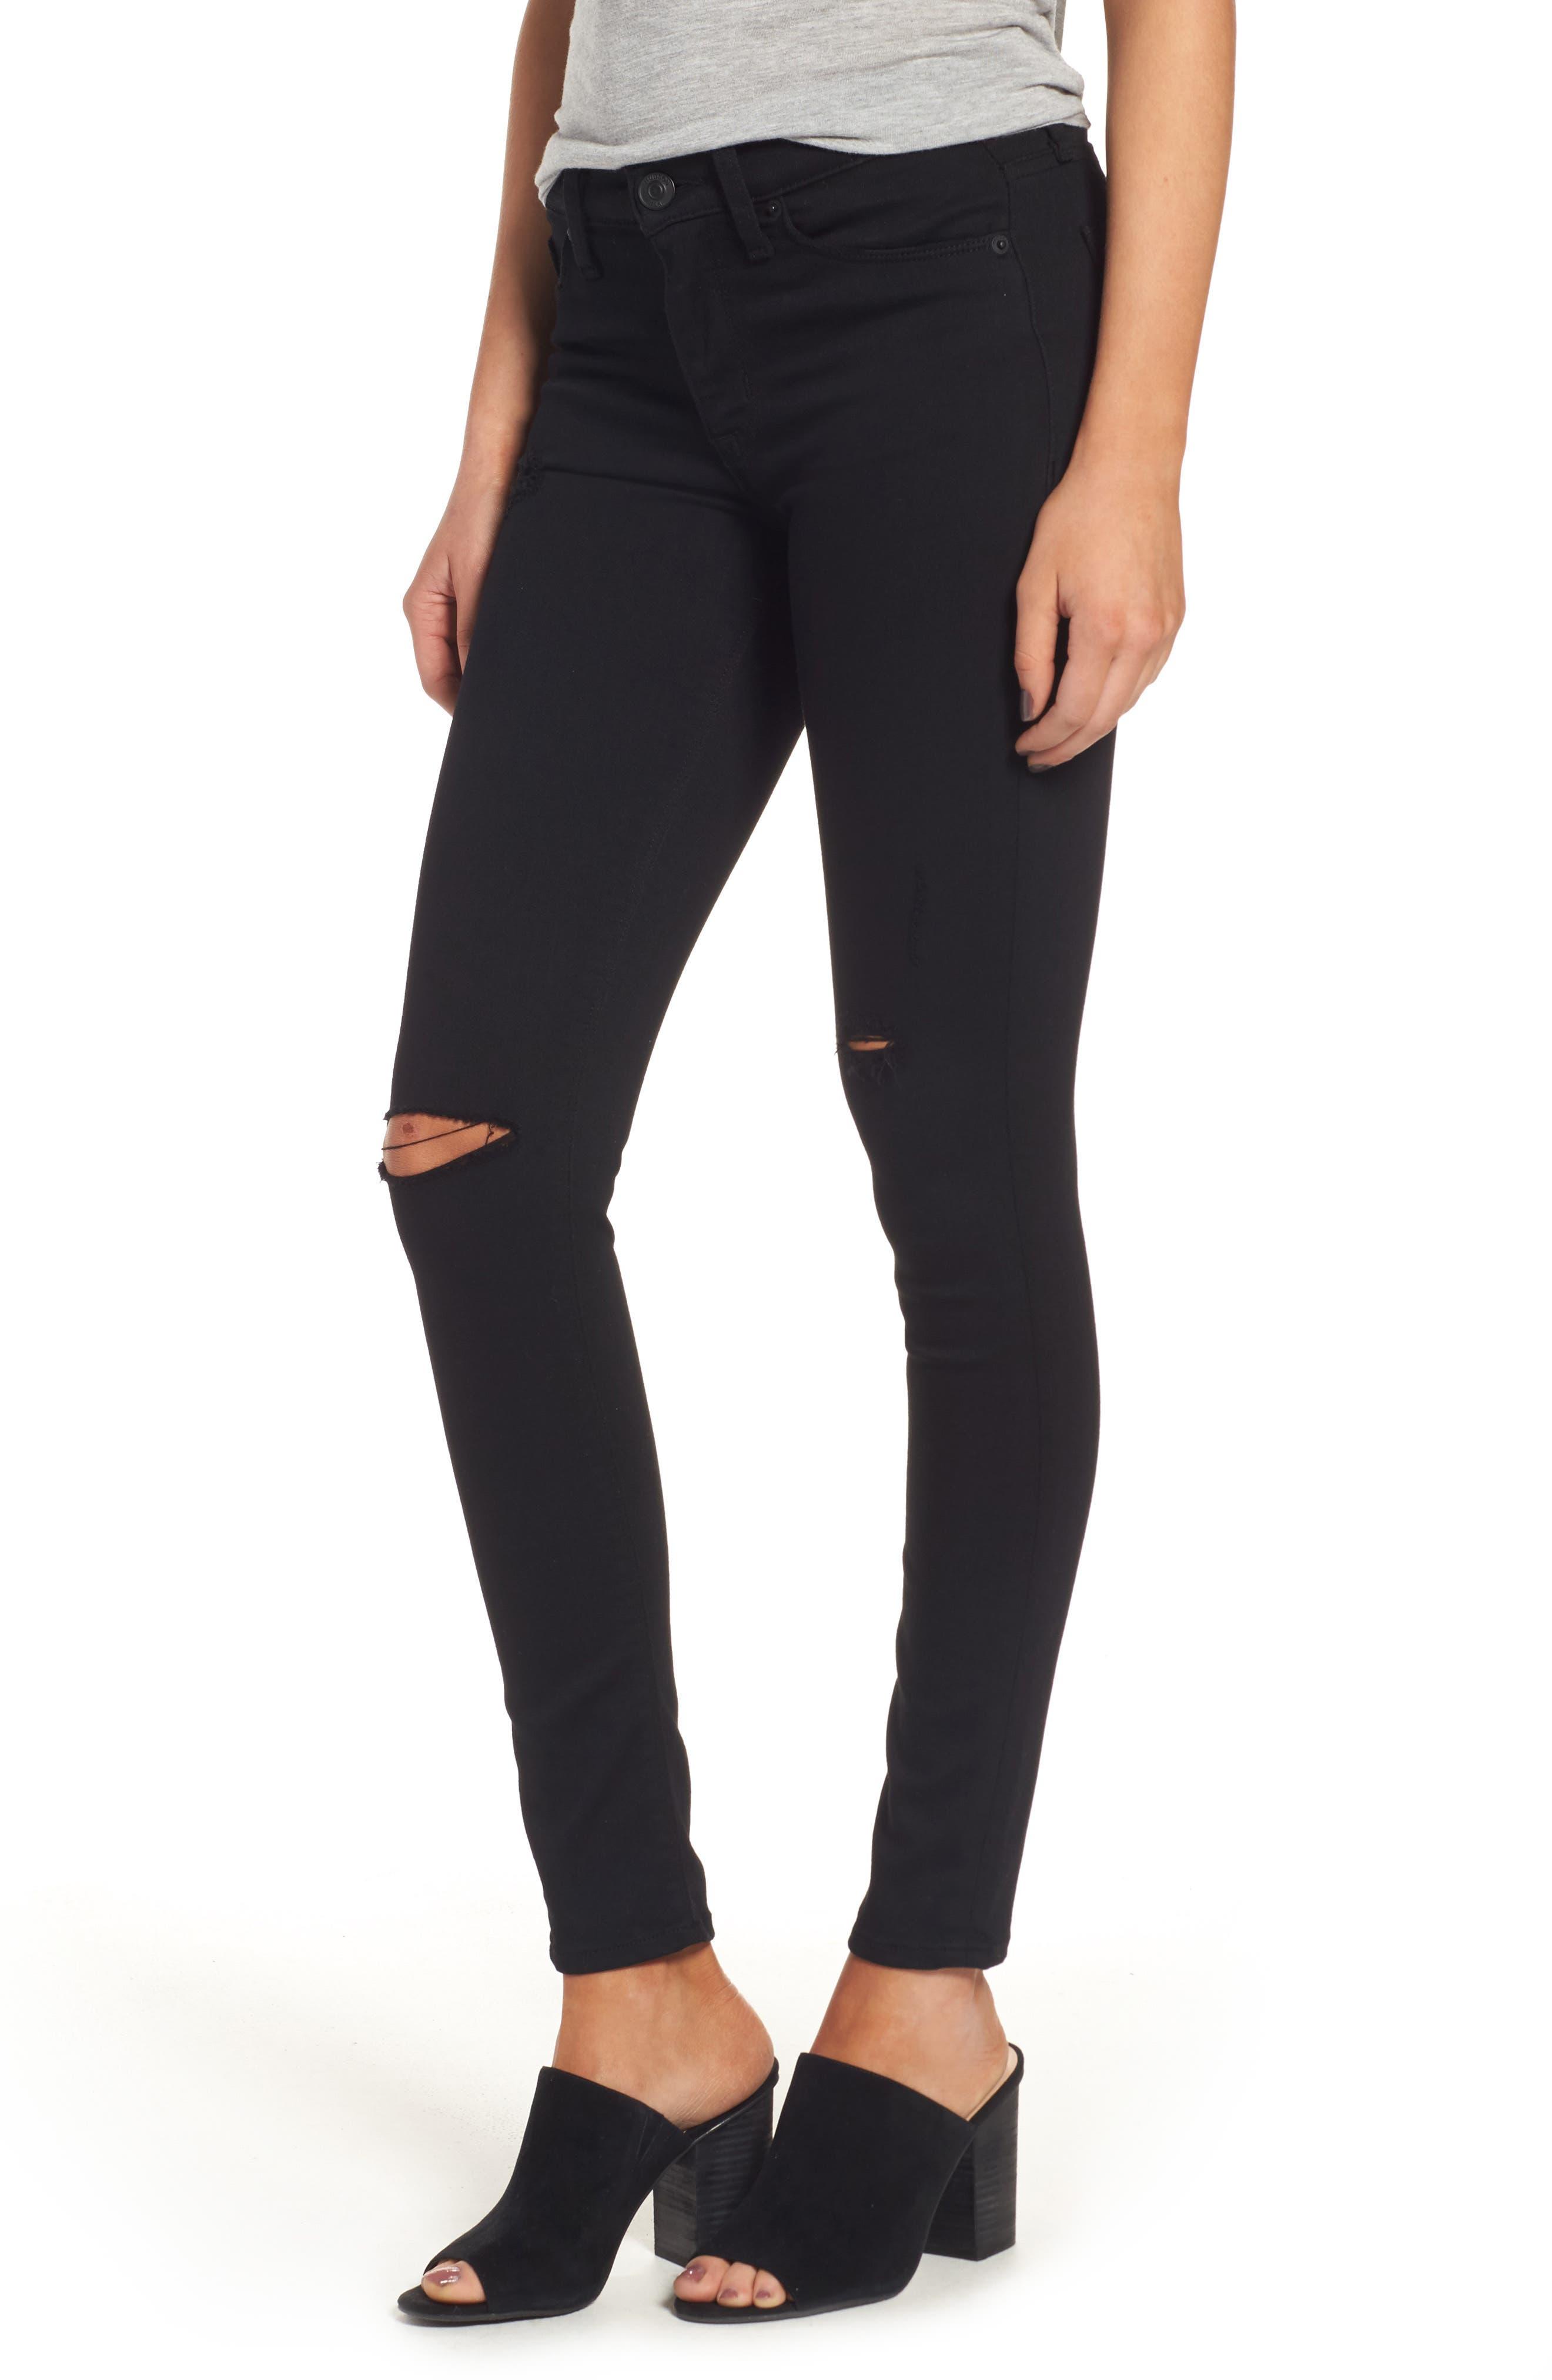 Alternate Image 1 Selected - Hudson Jeans 'Elysian - Nico' Super Skinny Jeans (Destructed Black) (Nordstrom Exclusive)